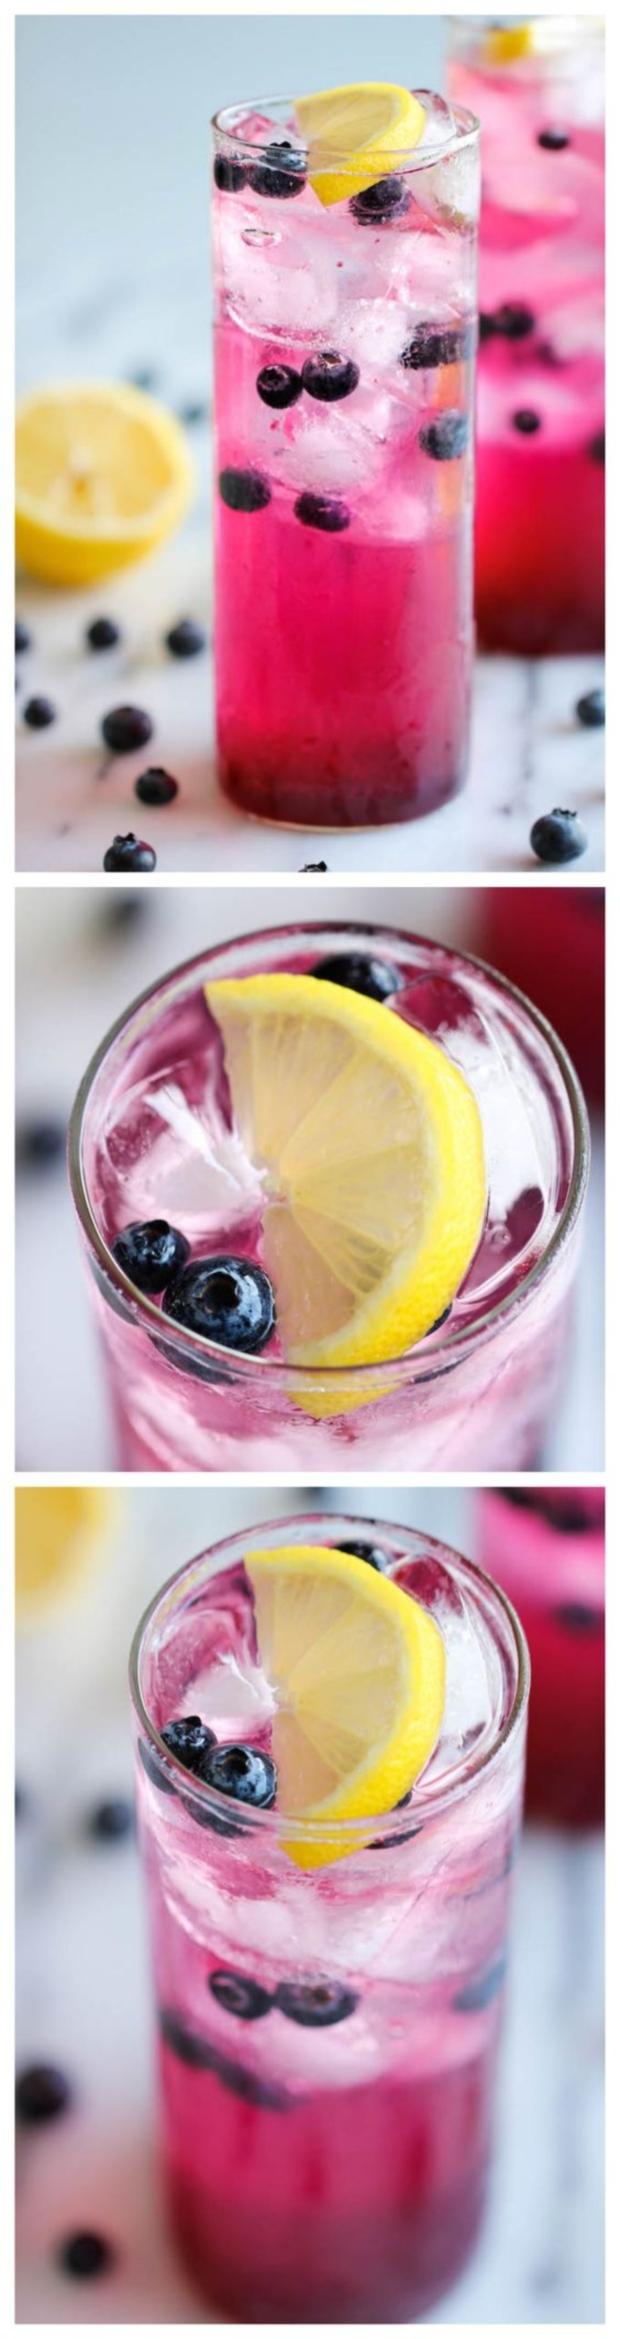 limonada cu afine si lamaie